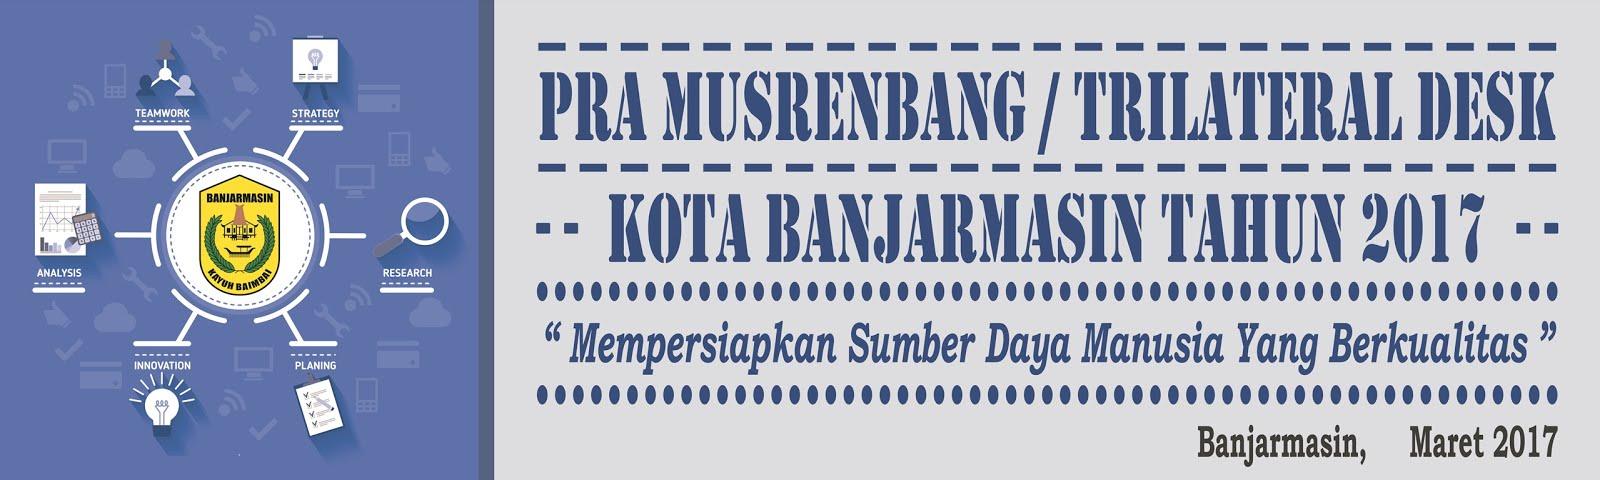 Pra-Musrenbang-Trilateral-Desk-Kota-Banjarmasin-2017.jpg (1600×480)